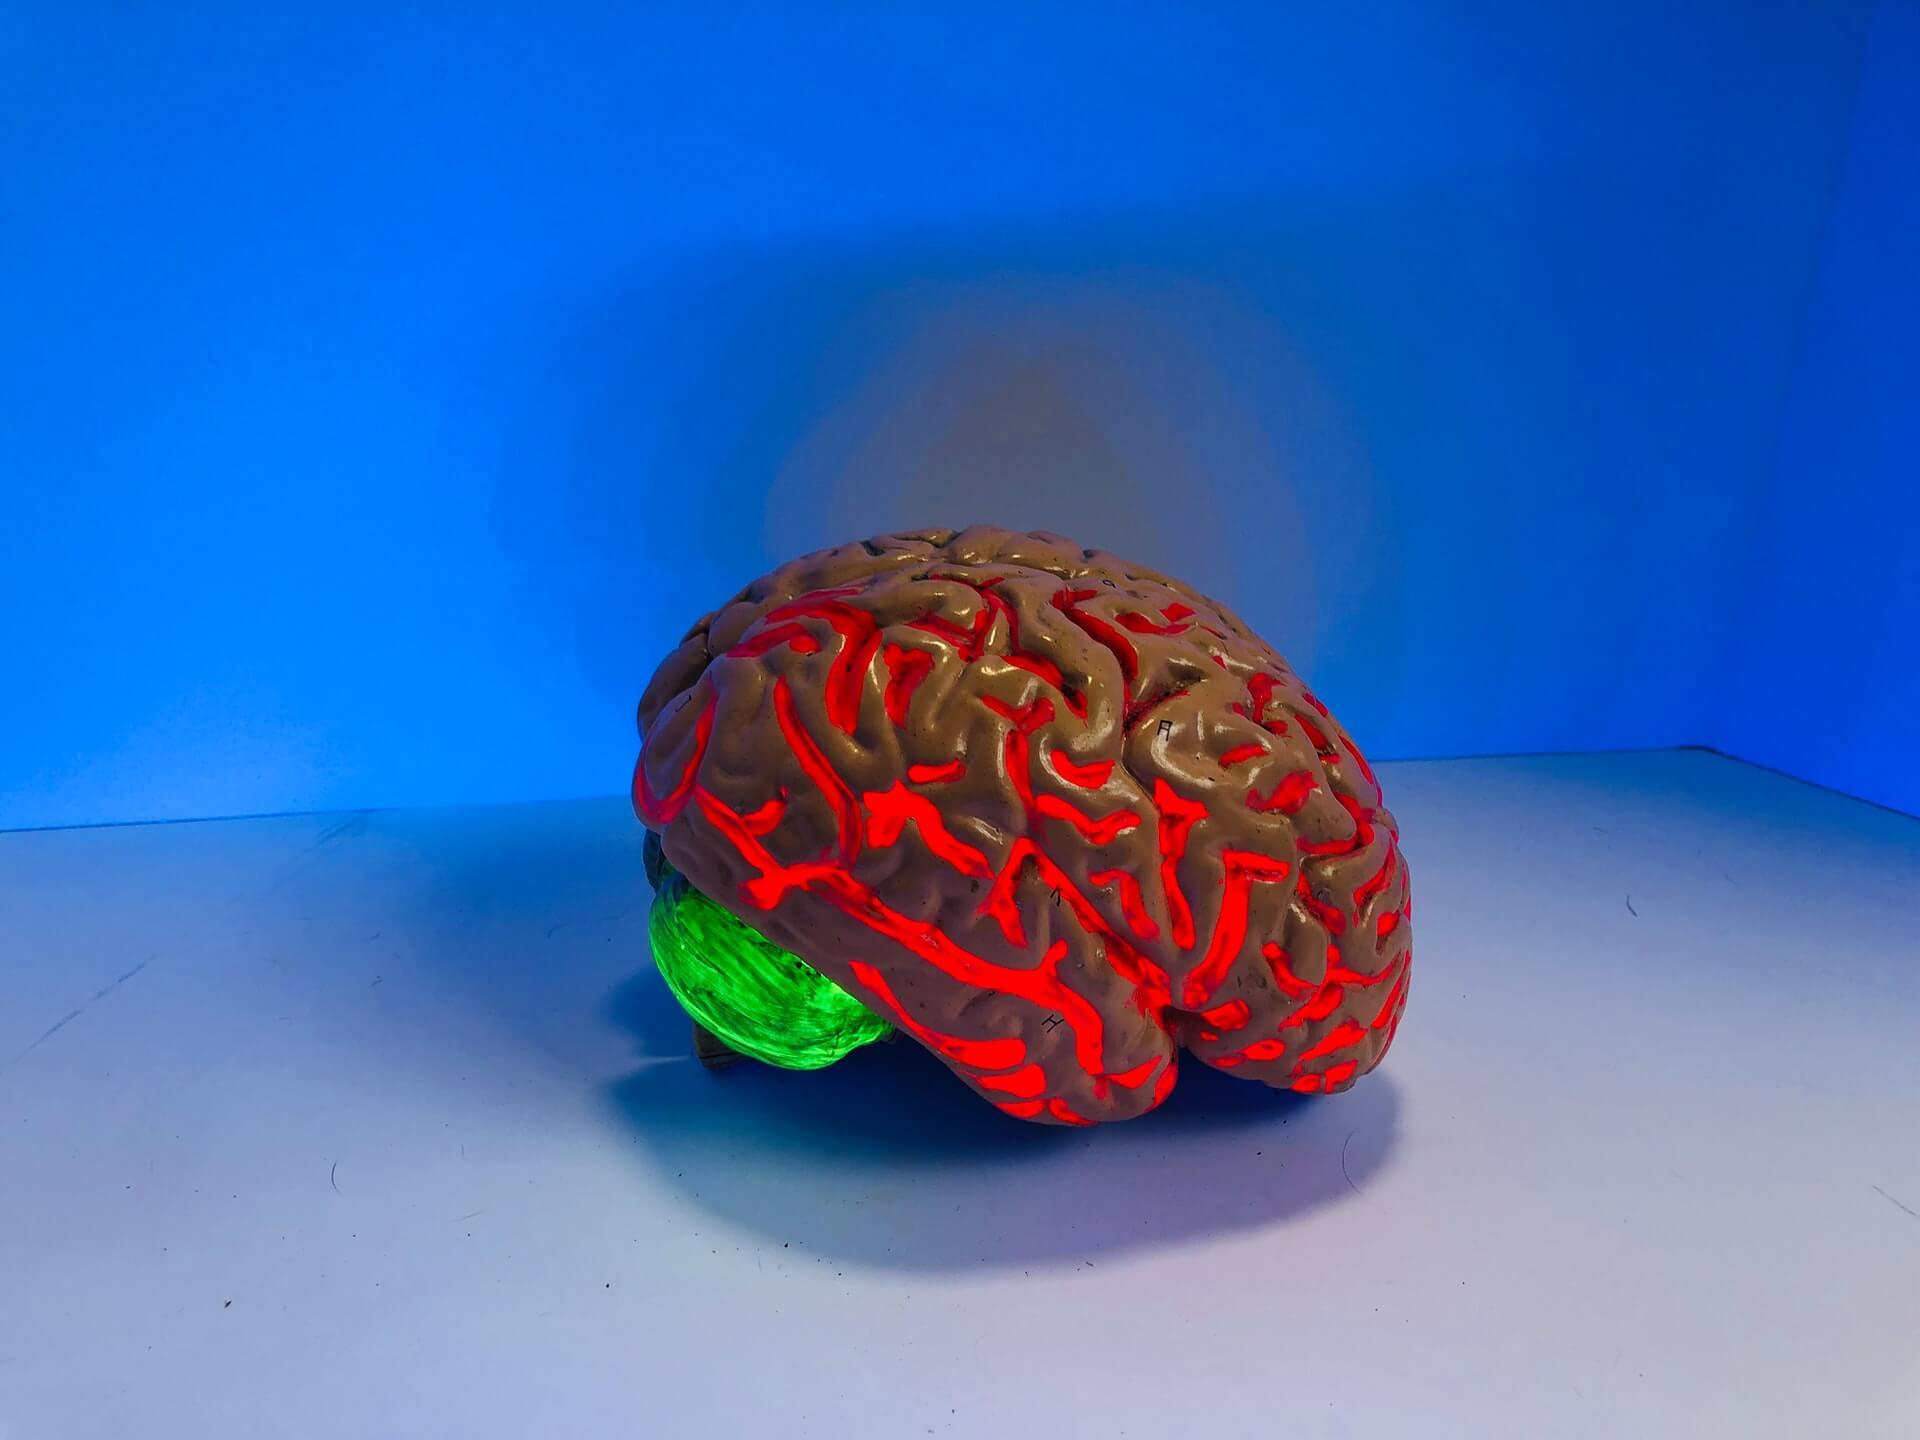 subconscious-mind-connection-brain